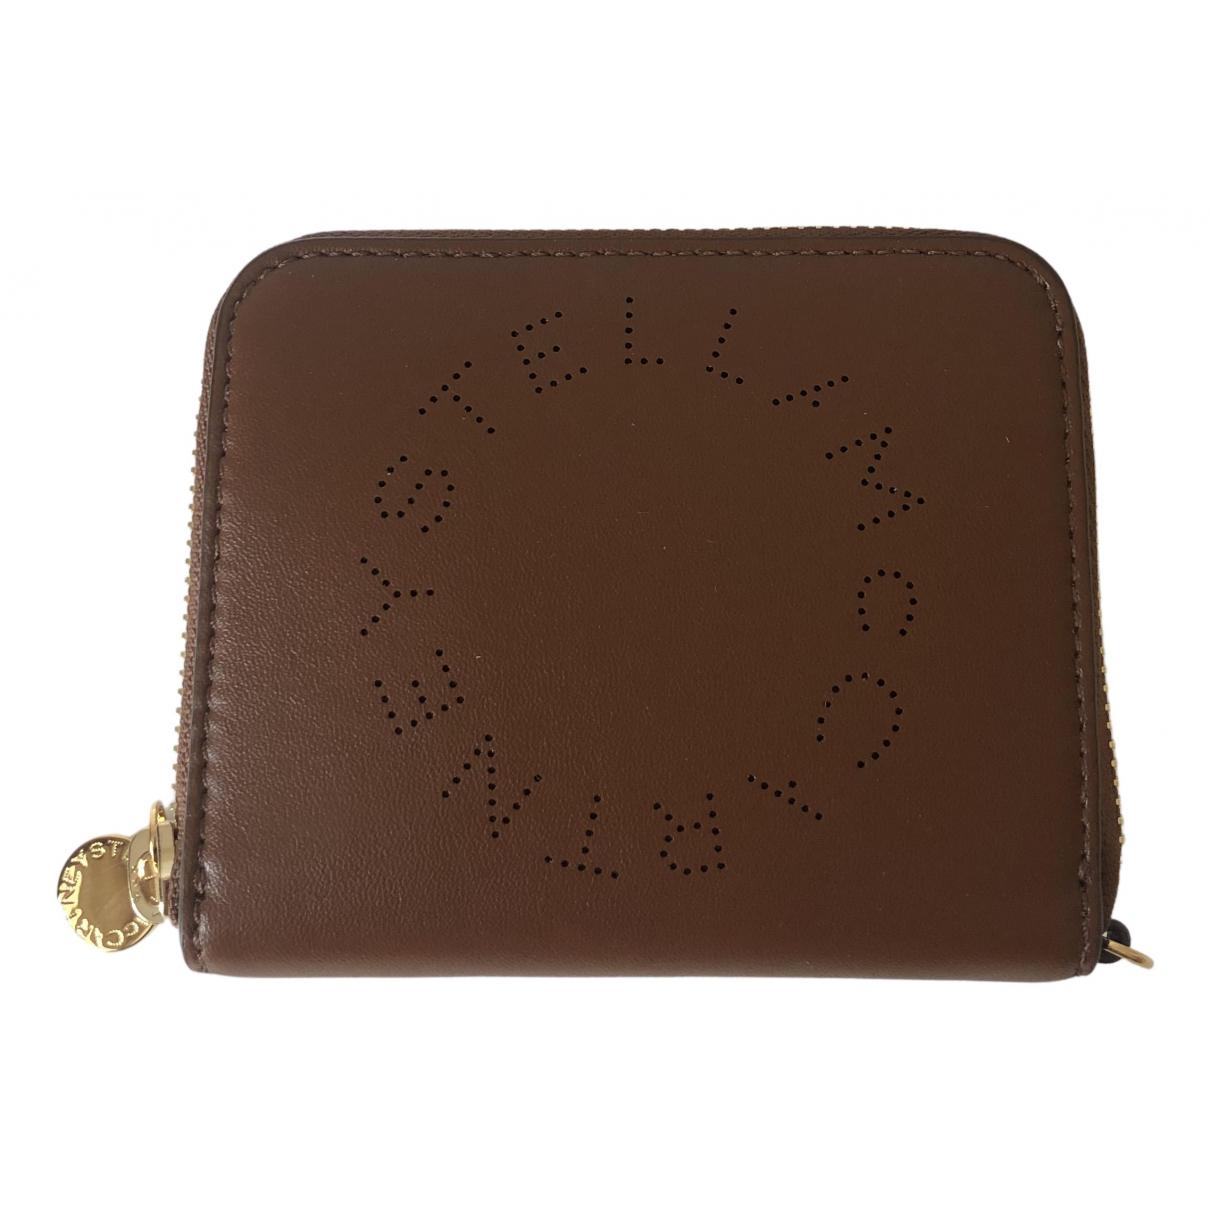 Stella Mccartney N Brown Purses, wallet & cases for Women N